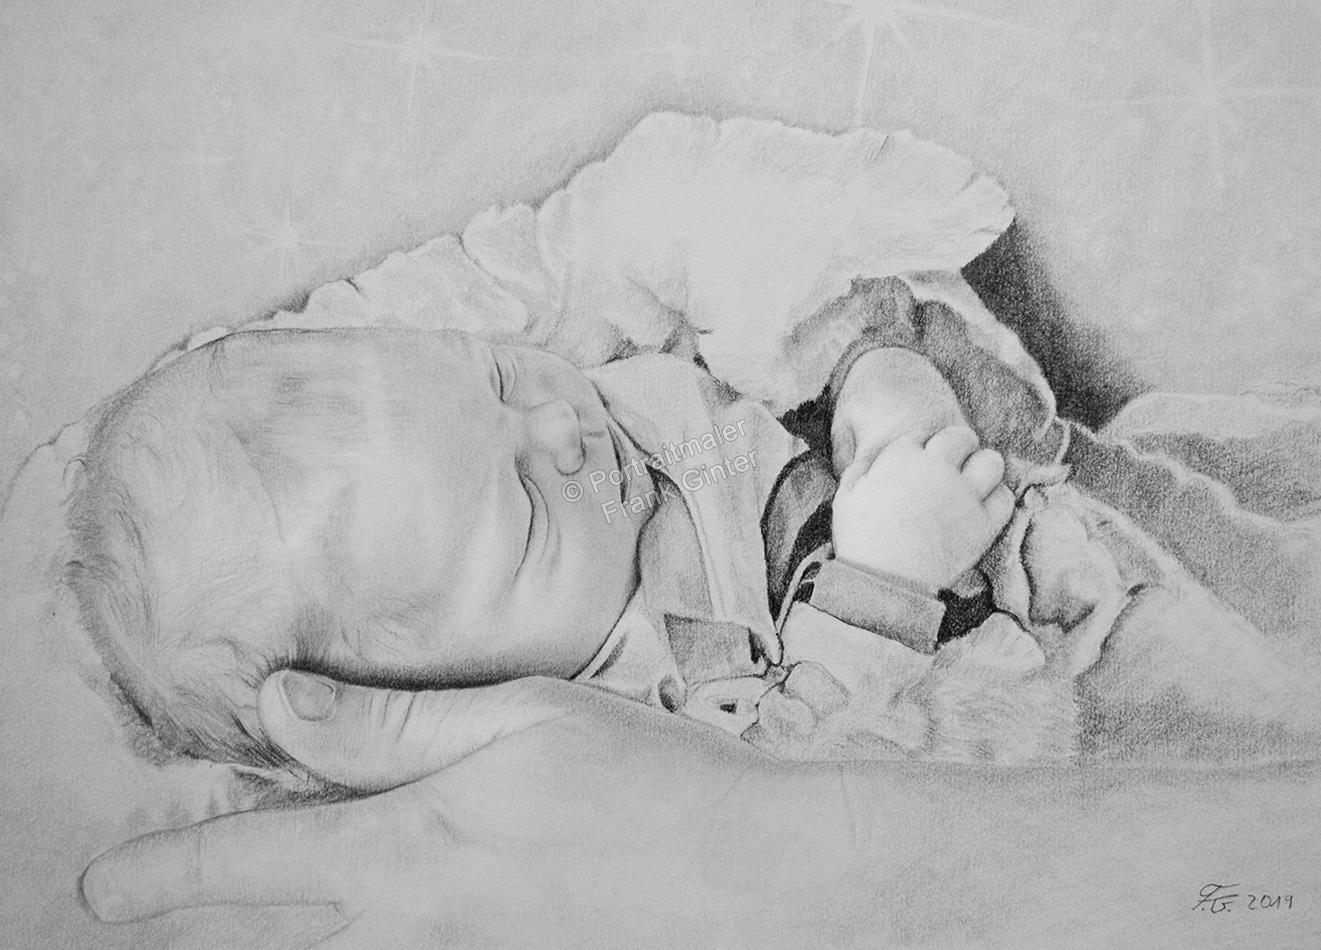 Baby zeichnen lassen, Babyportrait Bleistiften und Kohlestiften, Baby Zeichnung Bleistifte, Babyzeichnungen mit Bleistift, Babys mit Bleistiften gezeichnet, Babyzeichner Fotorealismus